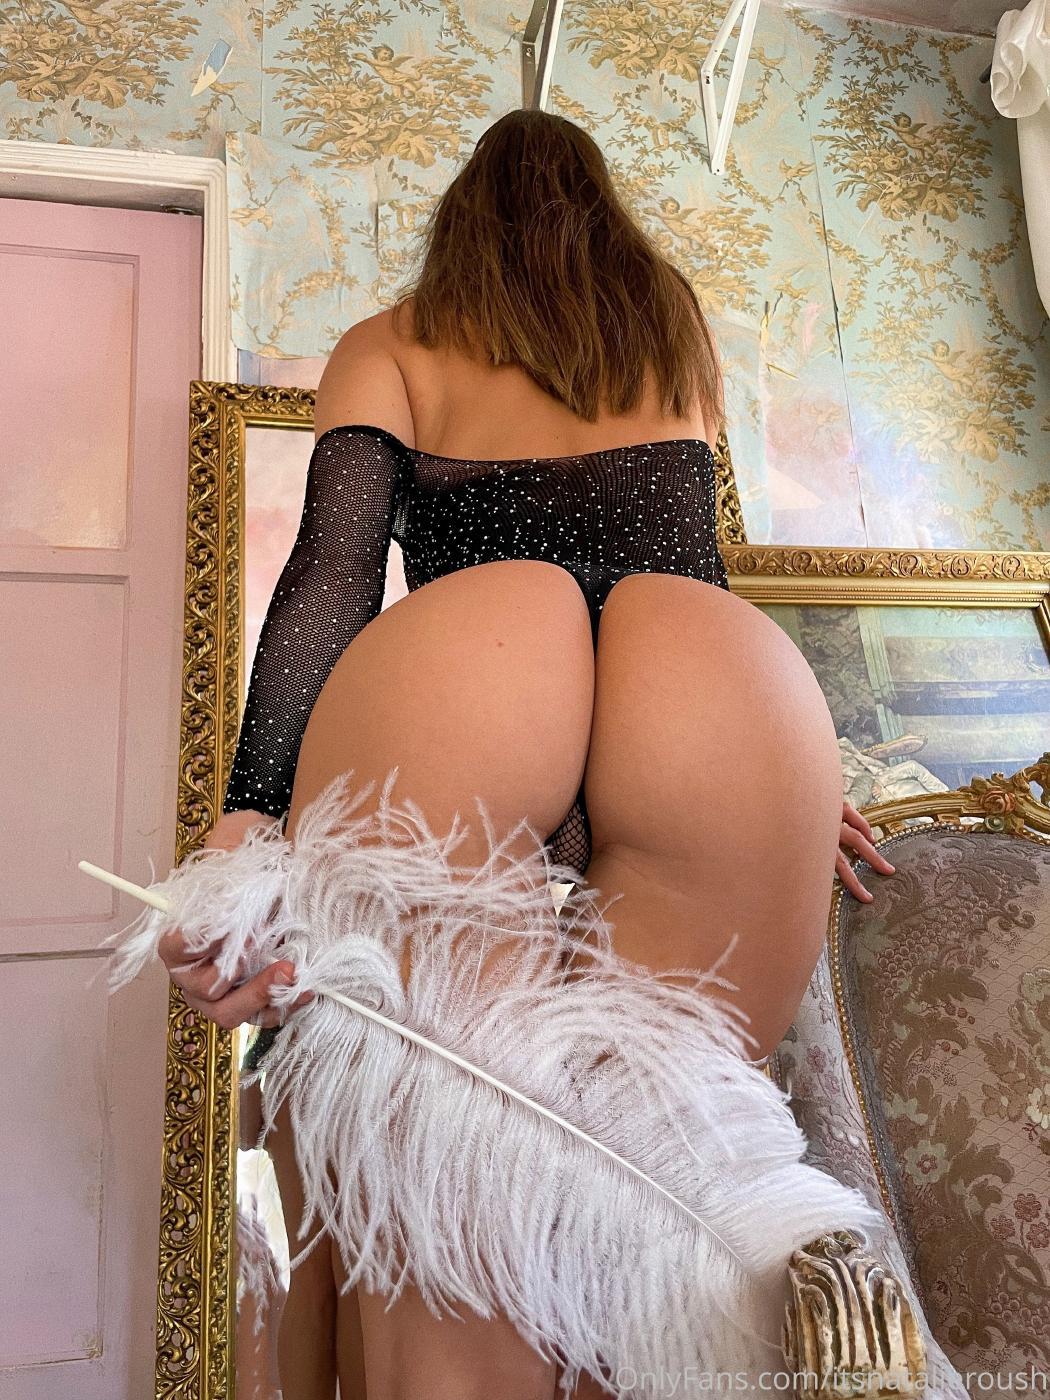 Natalie Roush Nude Fishnet Onlyfans Set Leaked Dqtmez